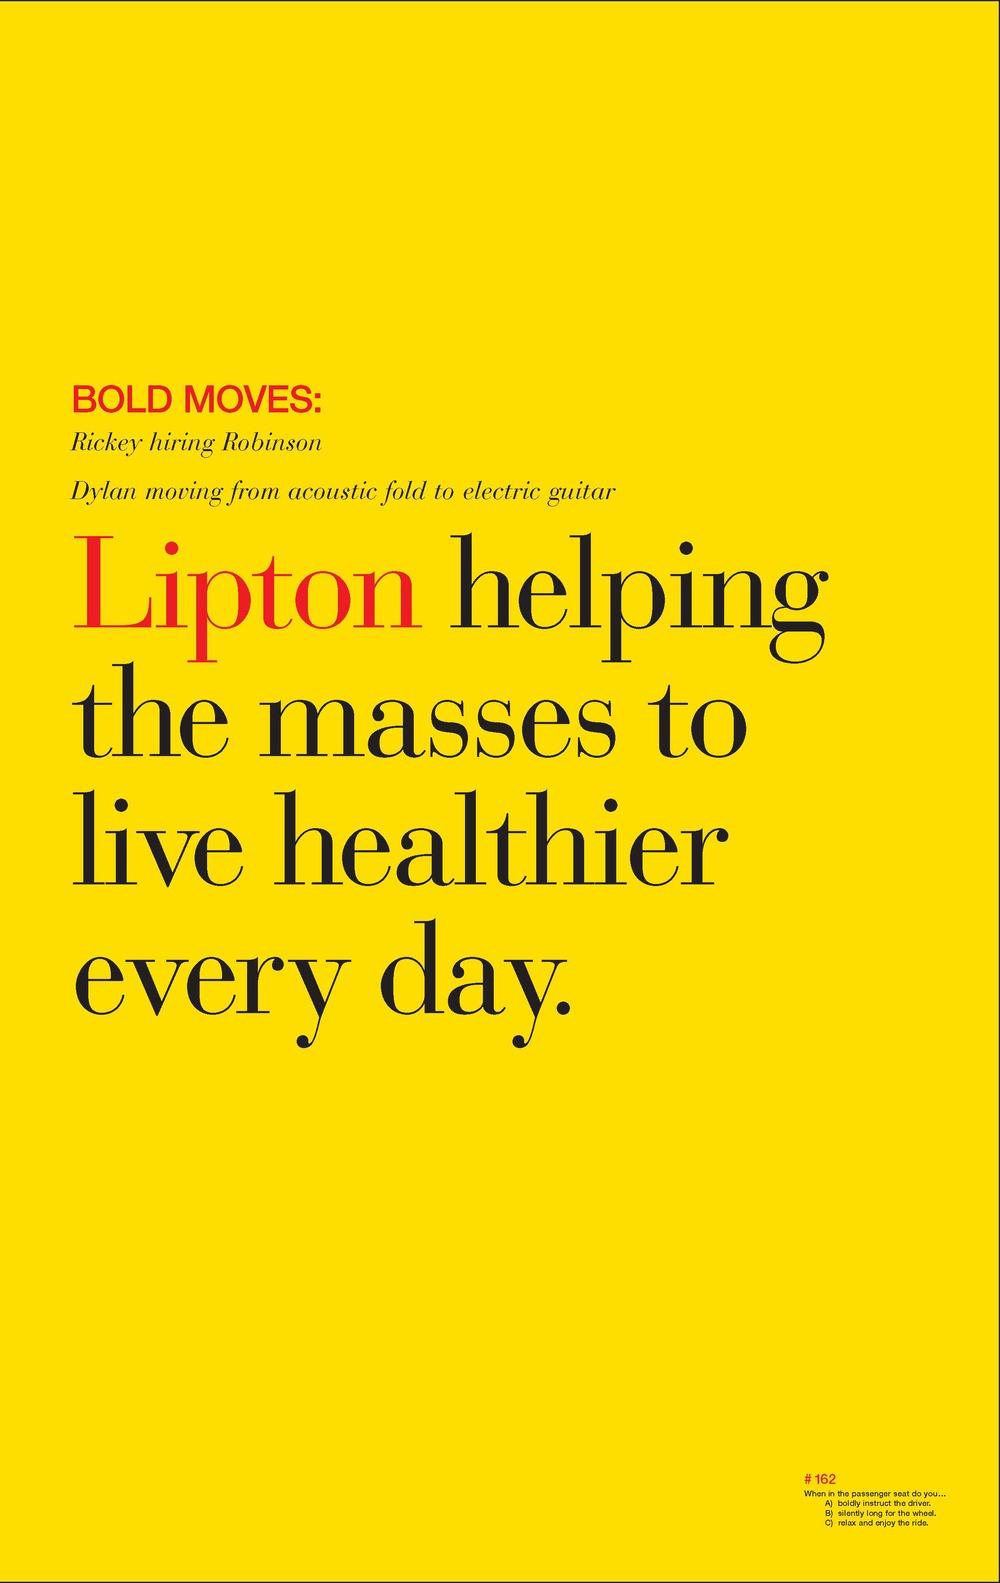 LiptonMag_Vol4_Page_05.jpg